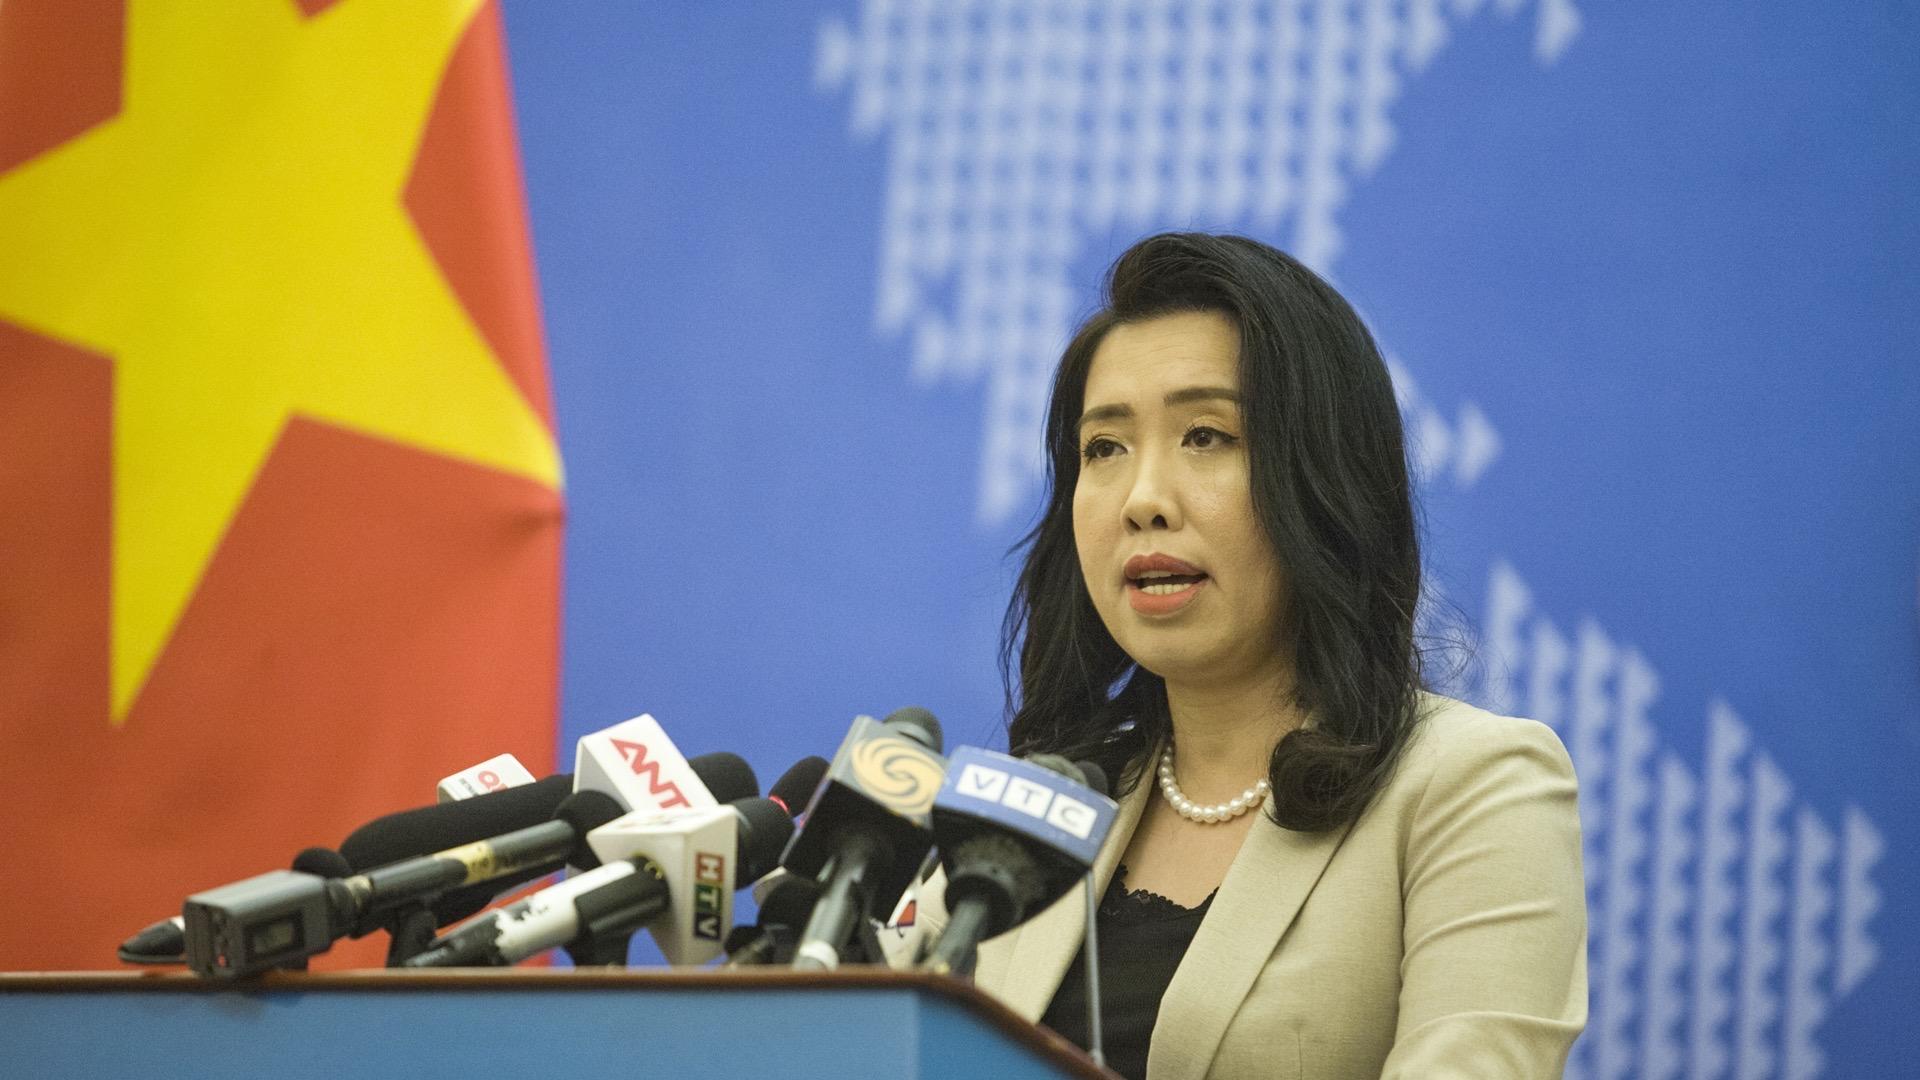 Có nạn nhân người Việt trong vụ phát hiện 39 thi thể ở Anh